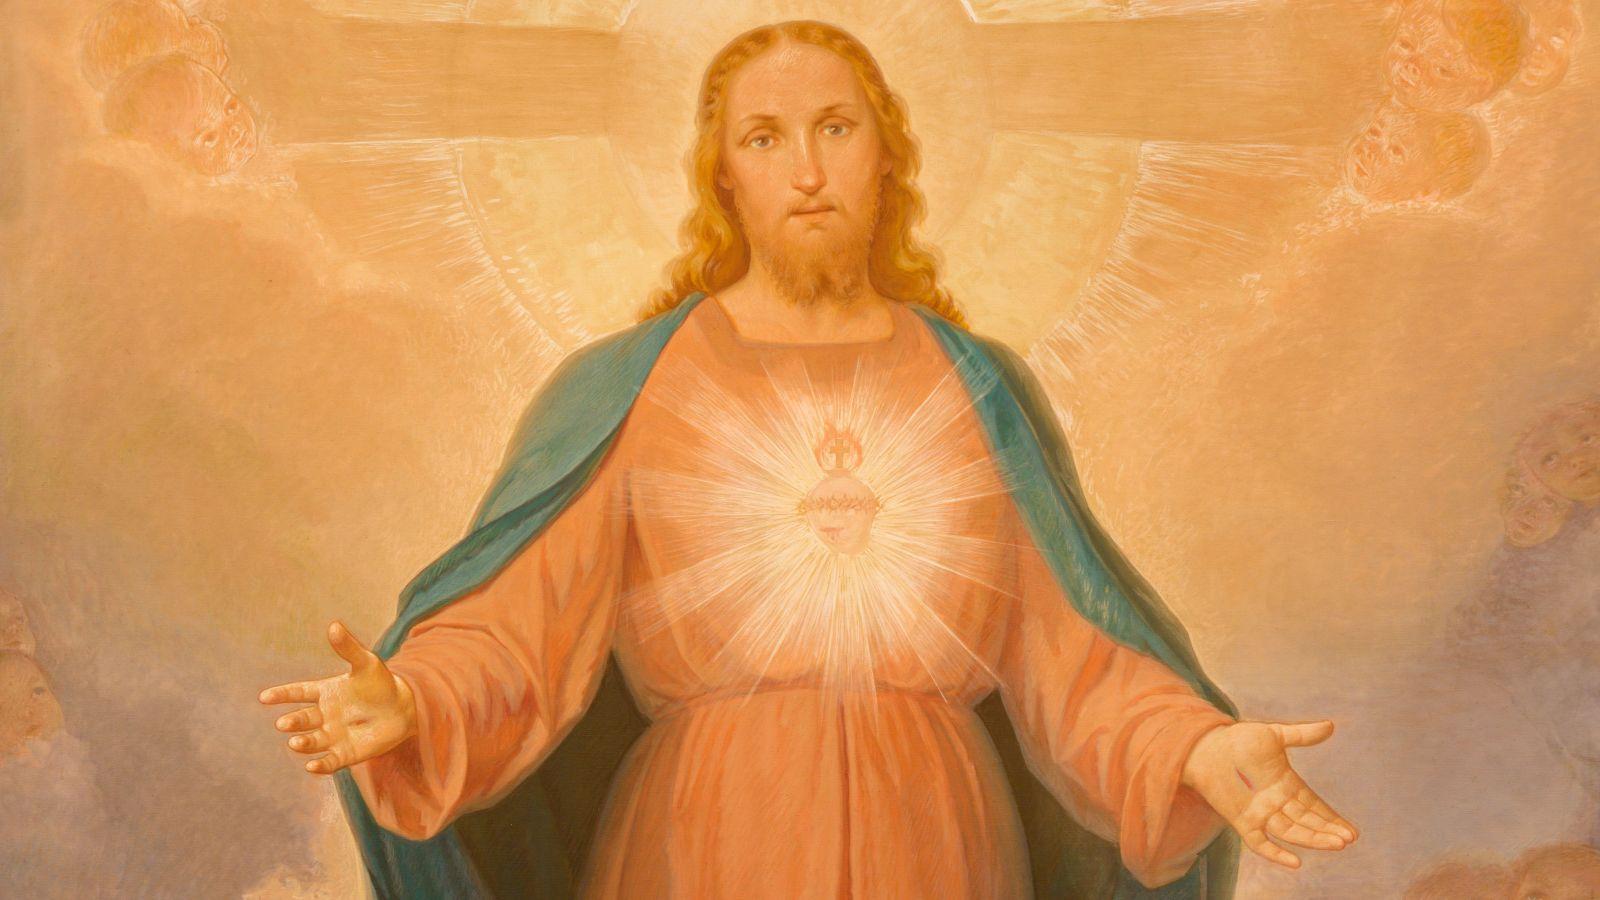 Hình đẹp chúa jesus công giáo